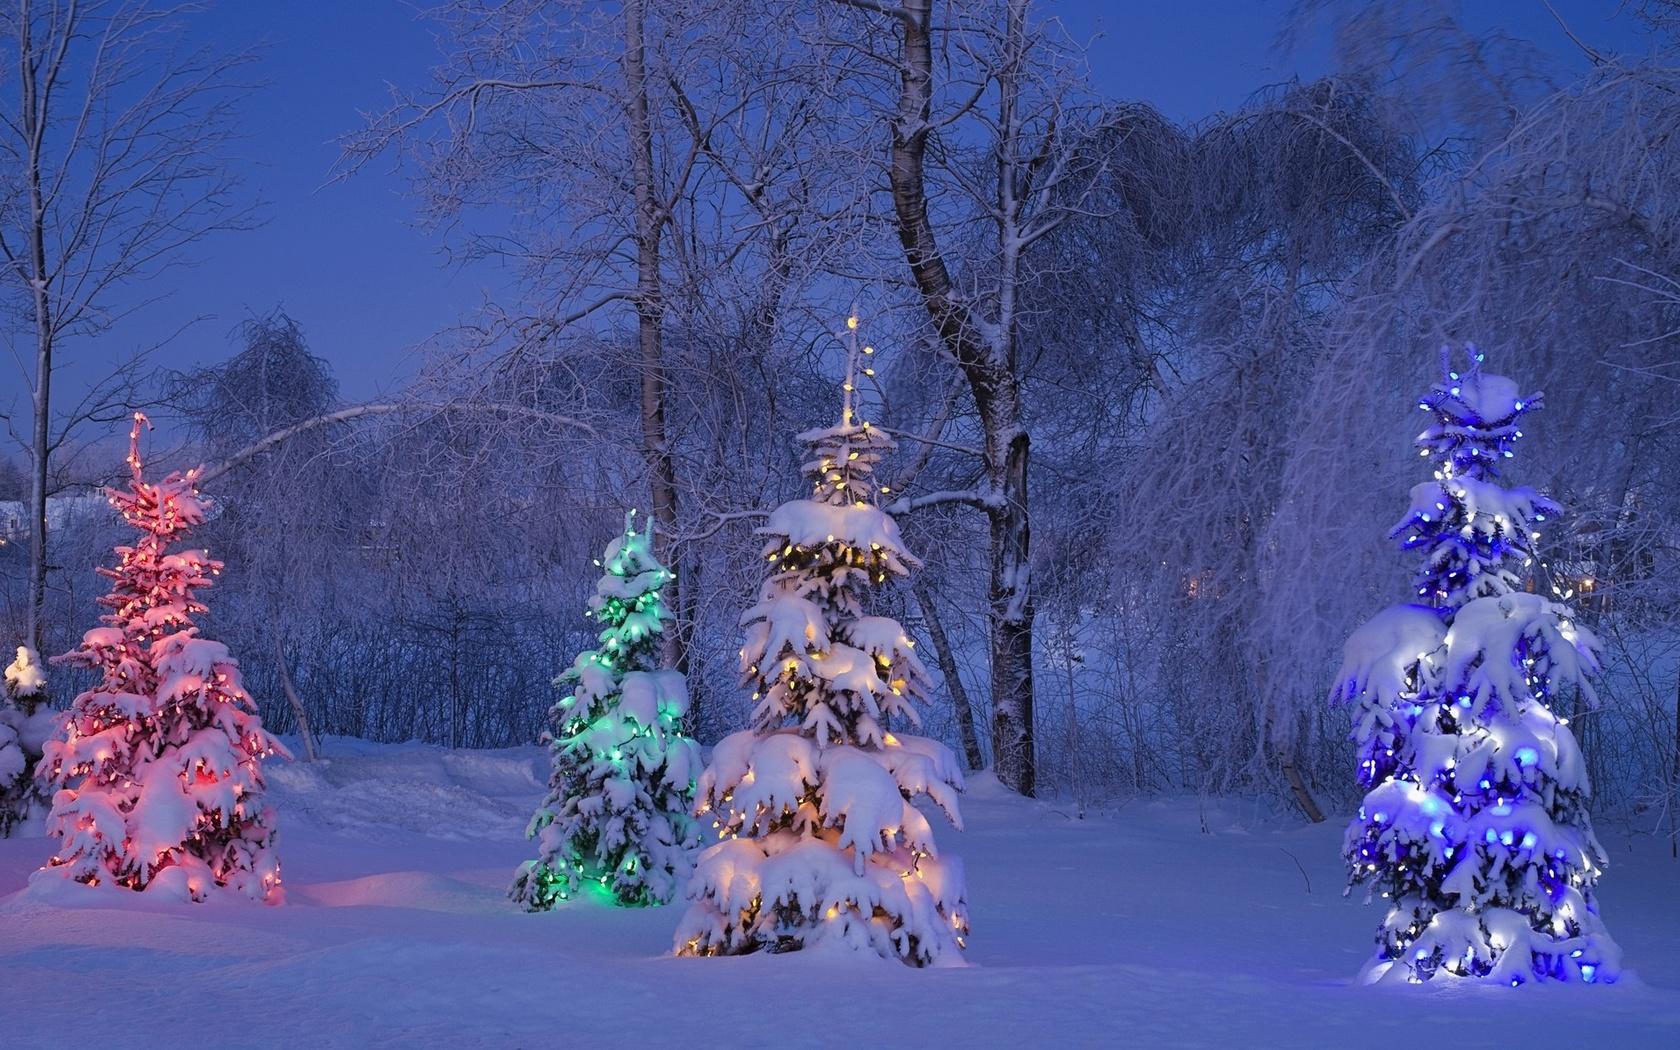 картинки зима природа новый год люблю делать красивые